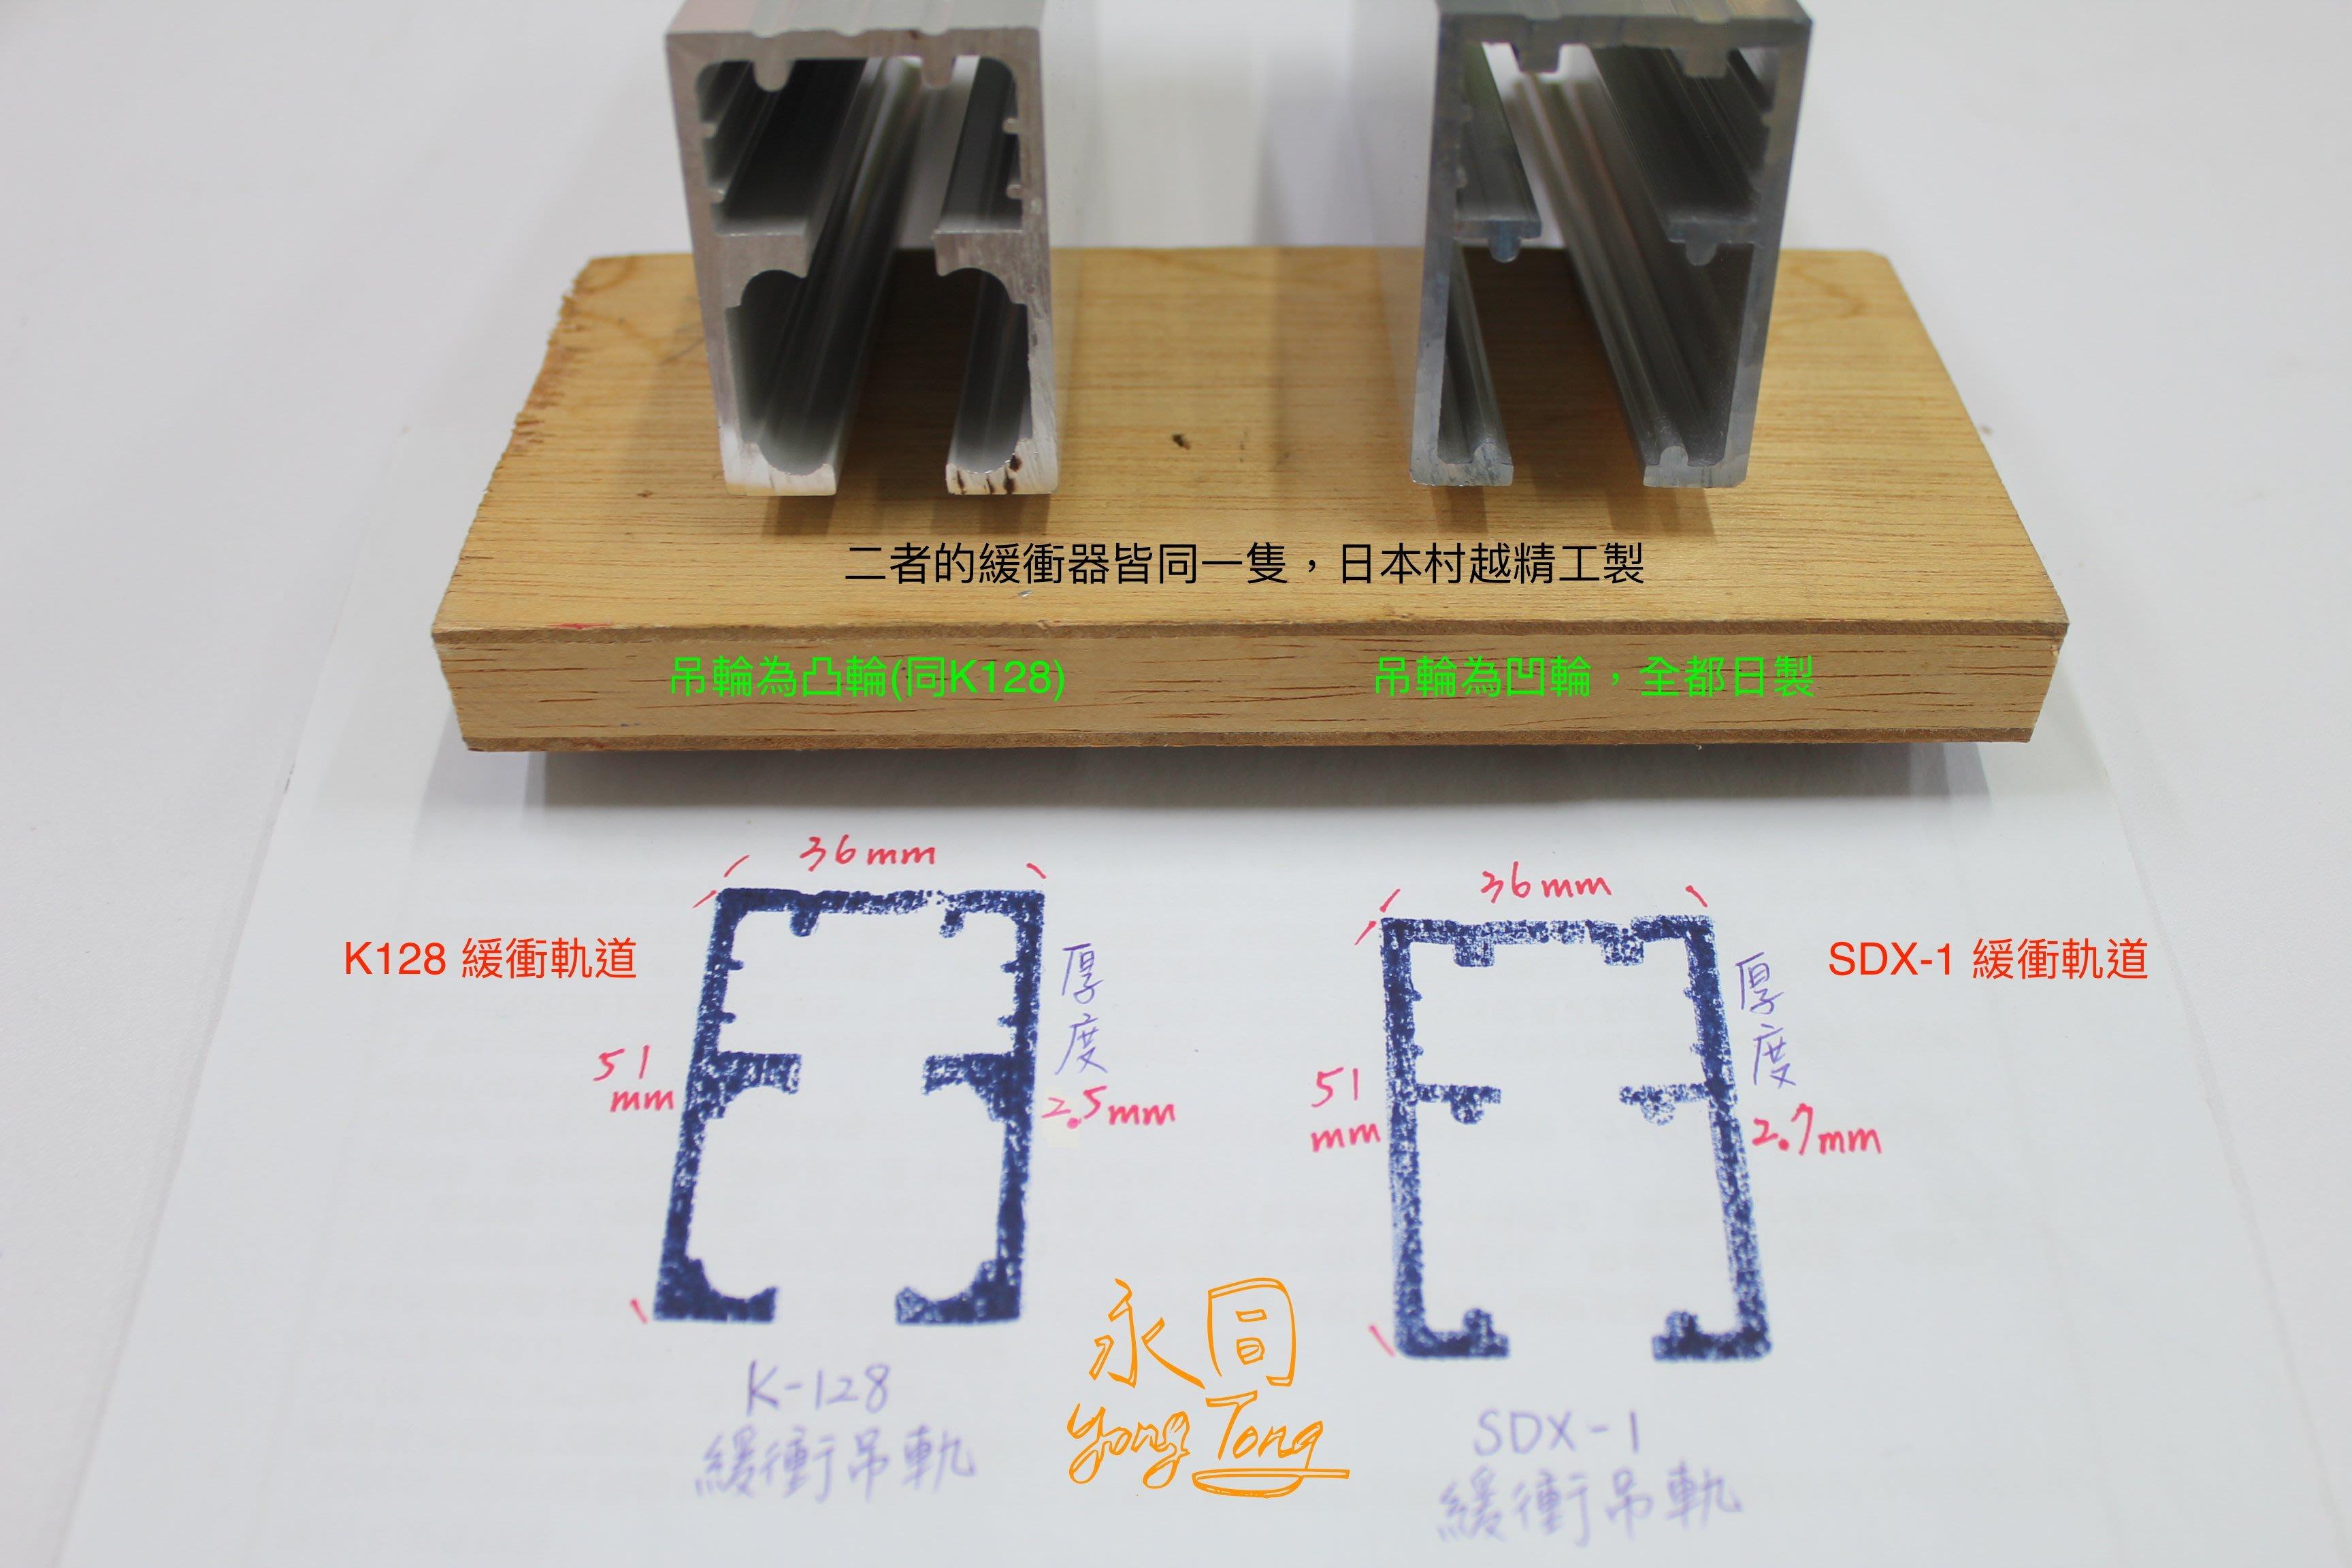 『永同五金』村越精工 SDX-1 緩衝 推拉門 軌道 日式門 吊輪 吊軌 吊門 拉門緩衝